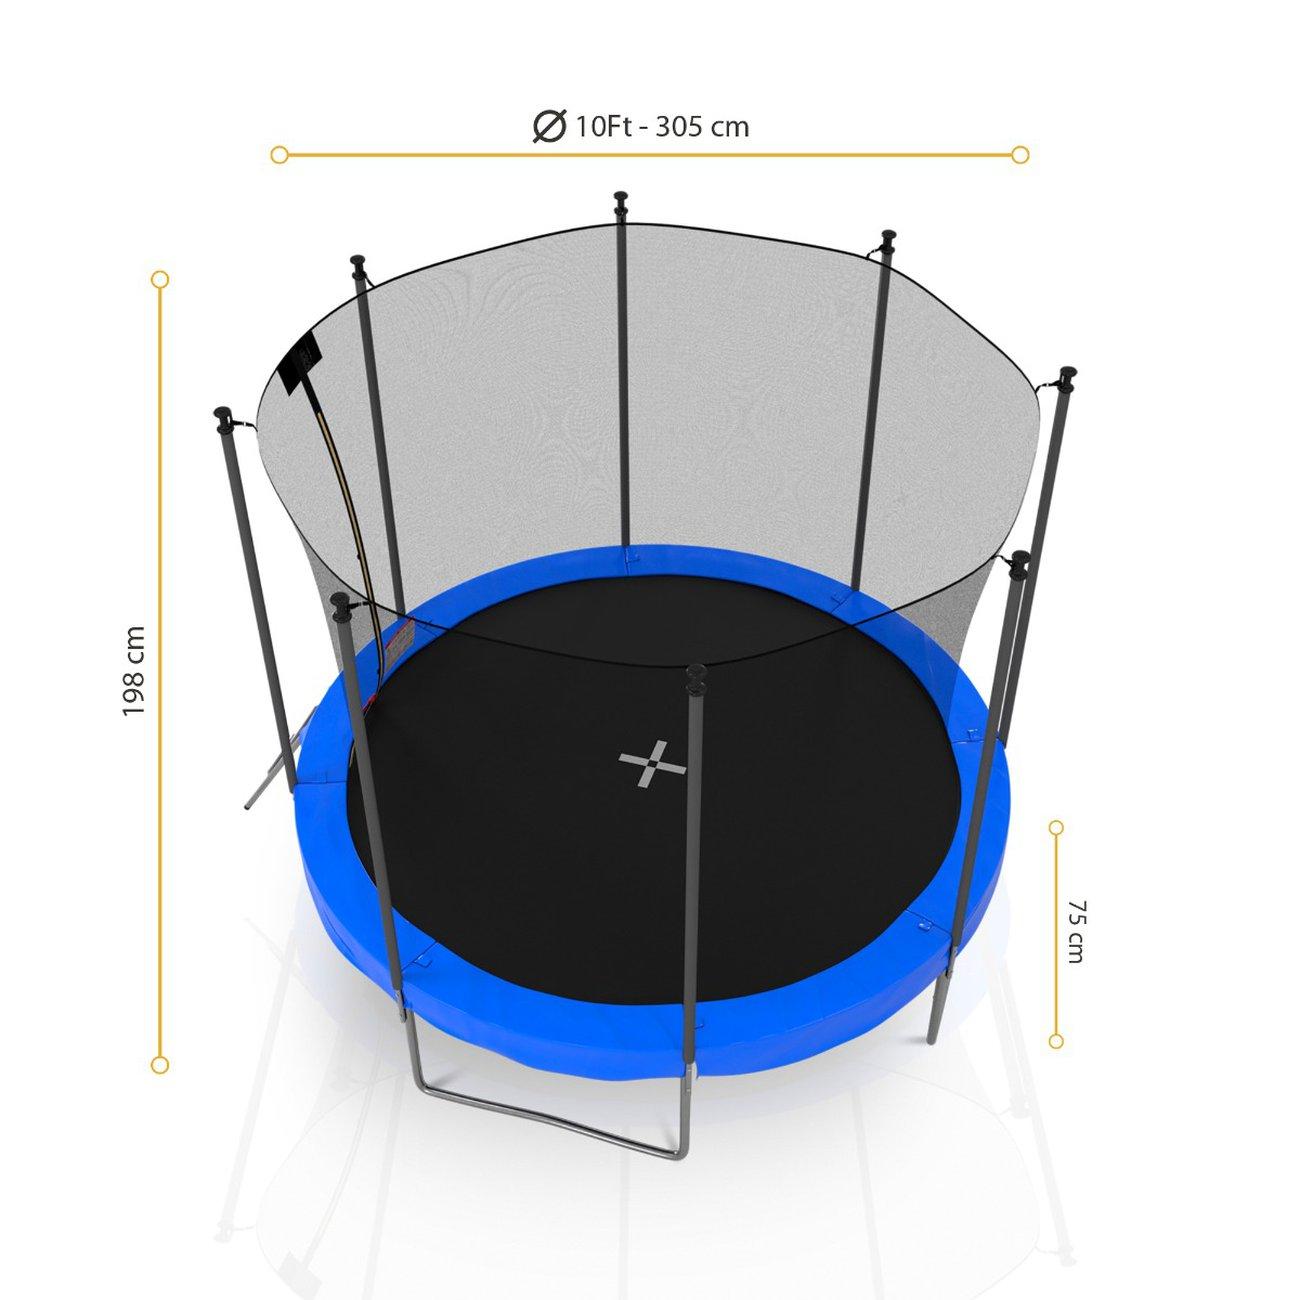 trampoline de jardin avec filet exterieur diametre 10 ft 305 cm 8 perches bleu 2 v5